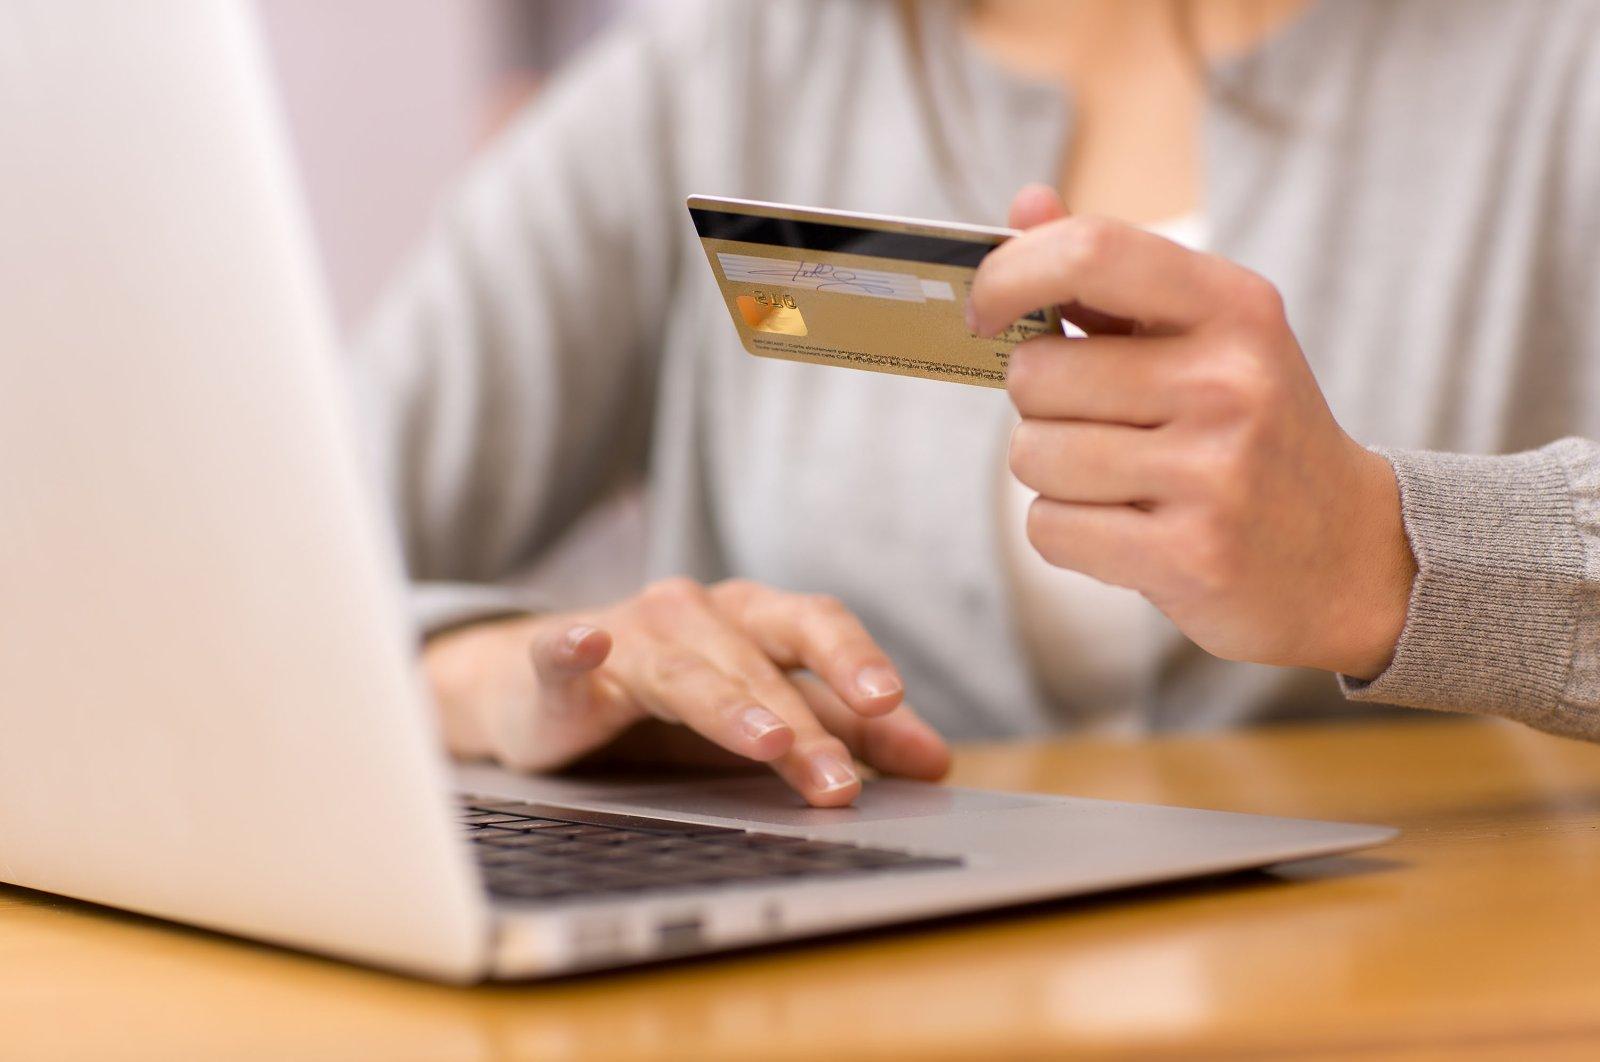 Ссуда через интернет: что нужно знать, практичность или бюрократия, как получить, рекомендации по взятию денег, анализ кредита